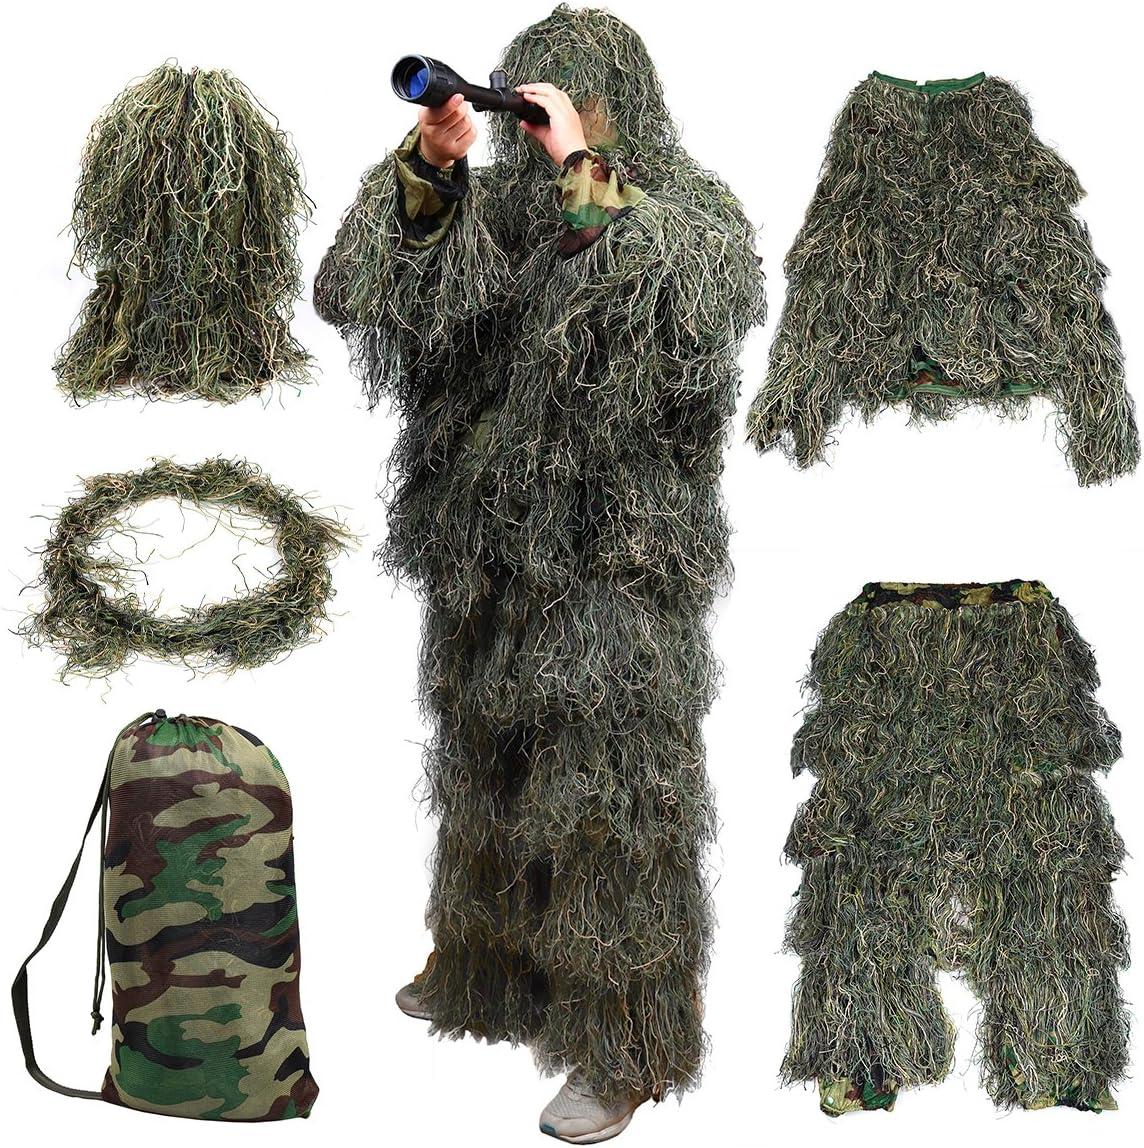 GUGULUZA Housse 3D pour fusil avec sangle /élastique pour camouflage de chasse costume de Ghillie